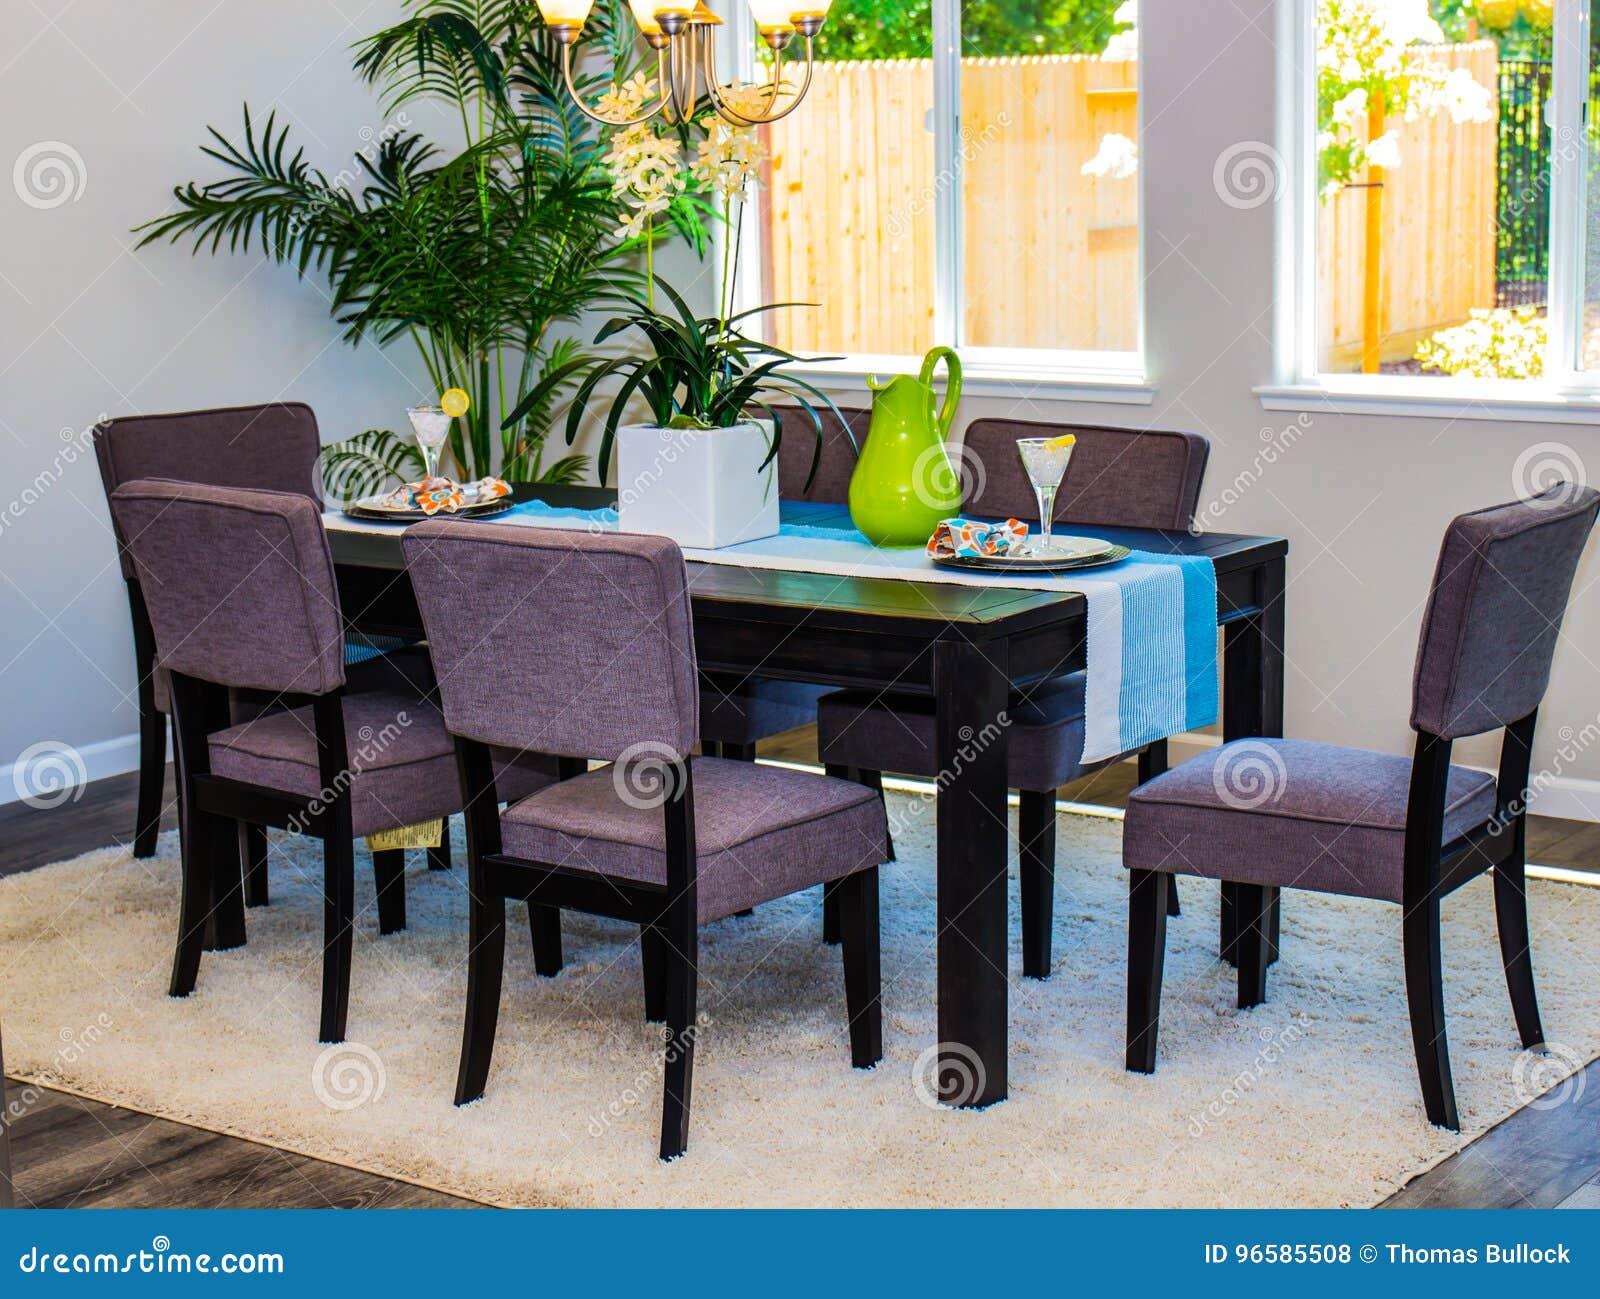 Esszimmer tisch und stuhle good mit sthlen frisch kleiner for Kleiner esstisch gunstig